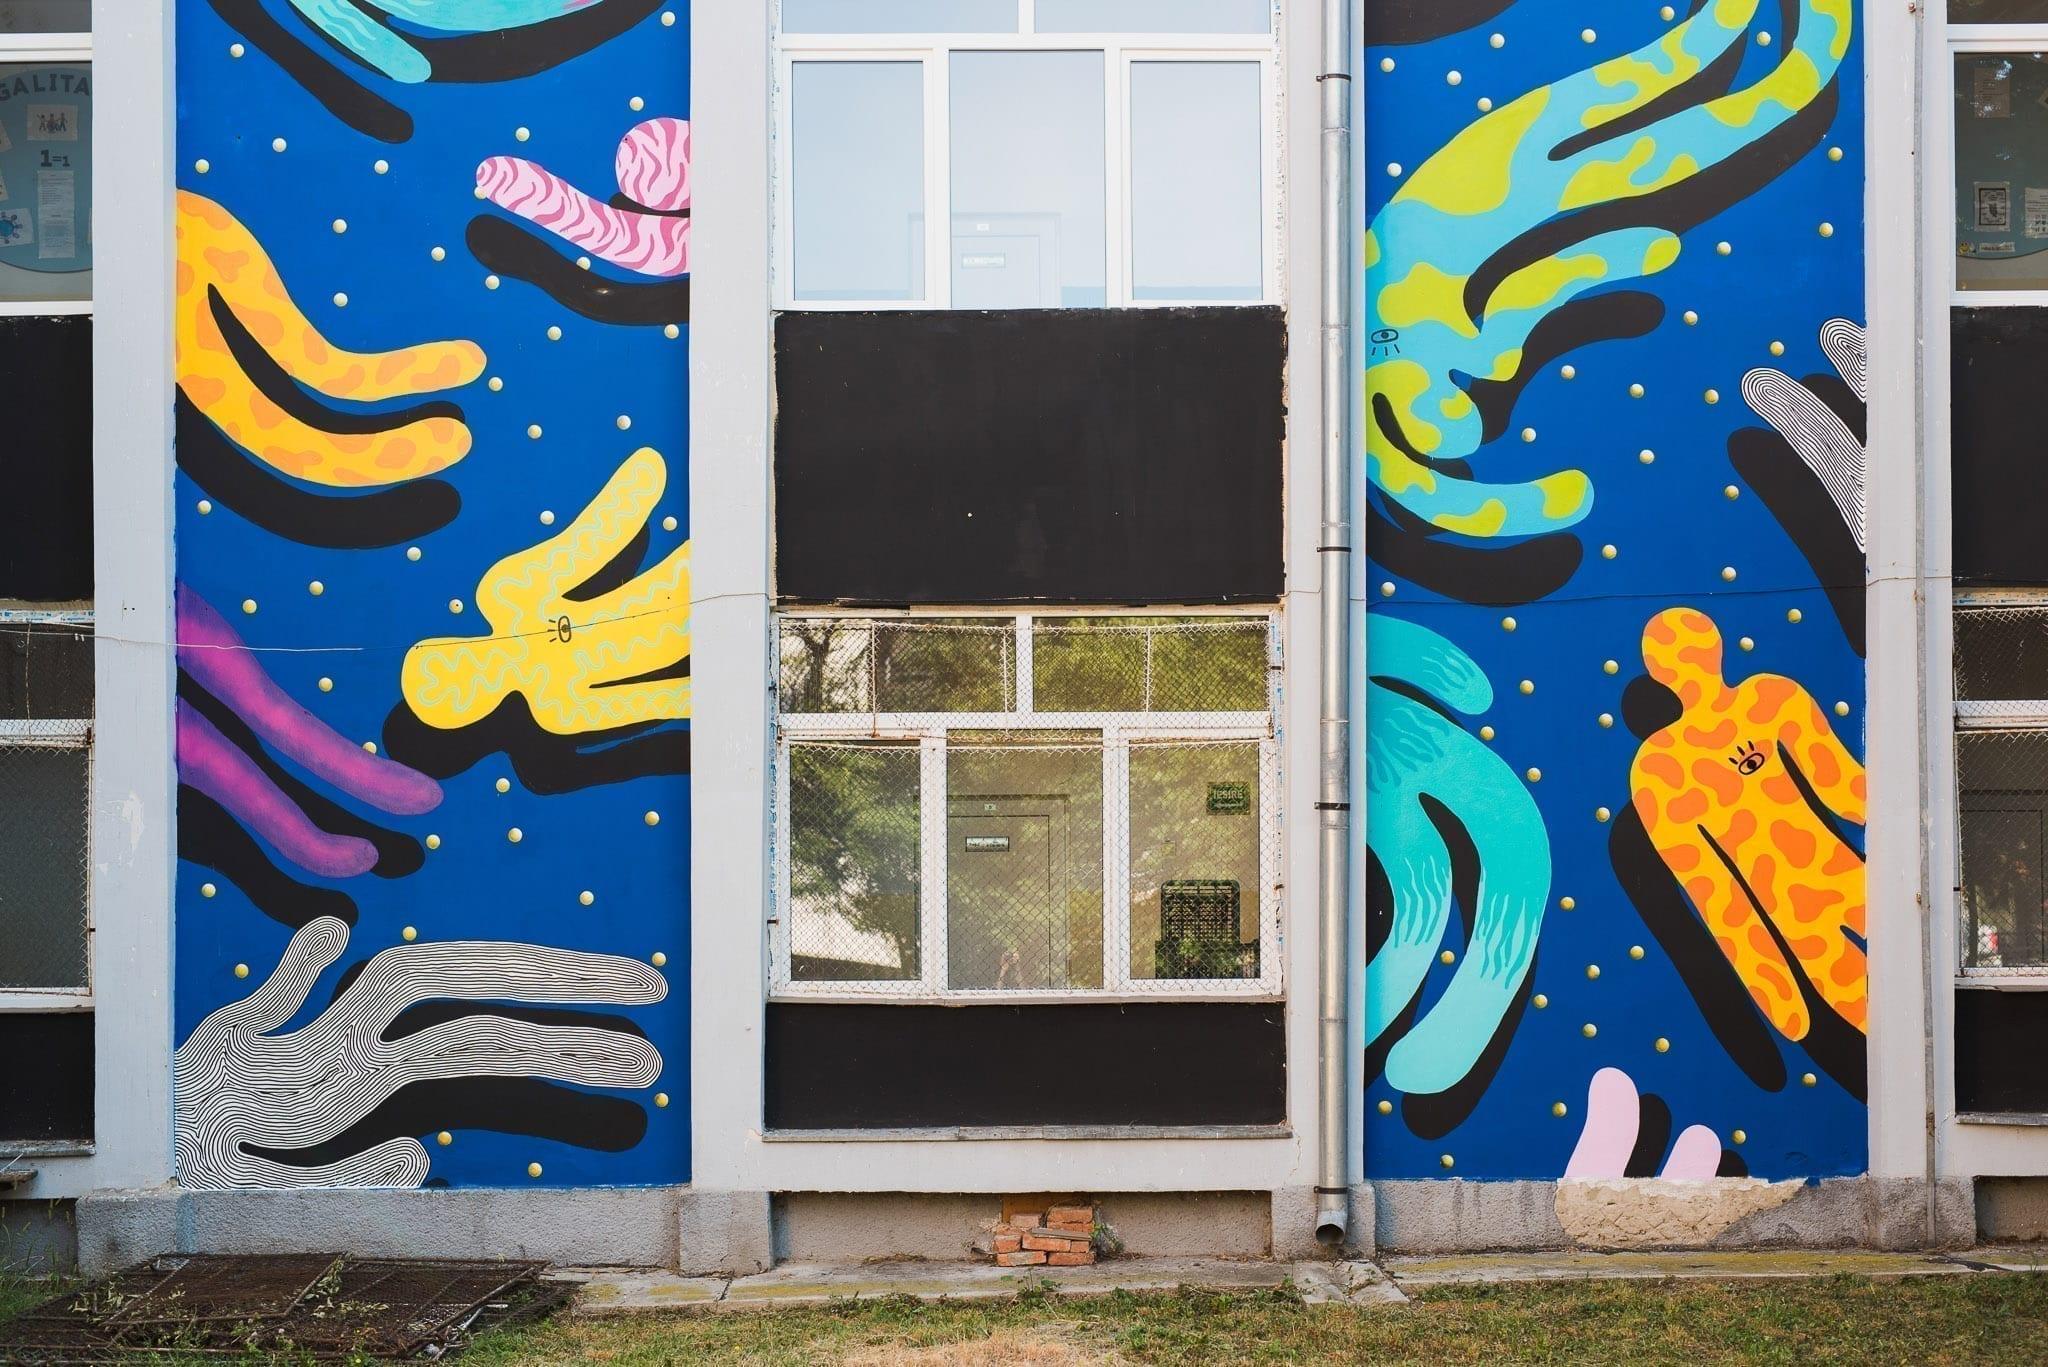 Ocu Școala Gimnazială Octavian Goga Cluj Un-hidden Street Art in Romania book photo © Anita Jimbor, Un-hidden Romania